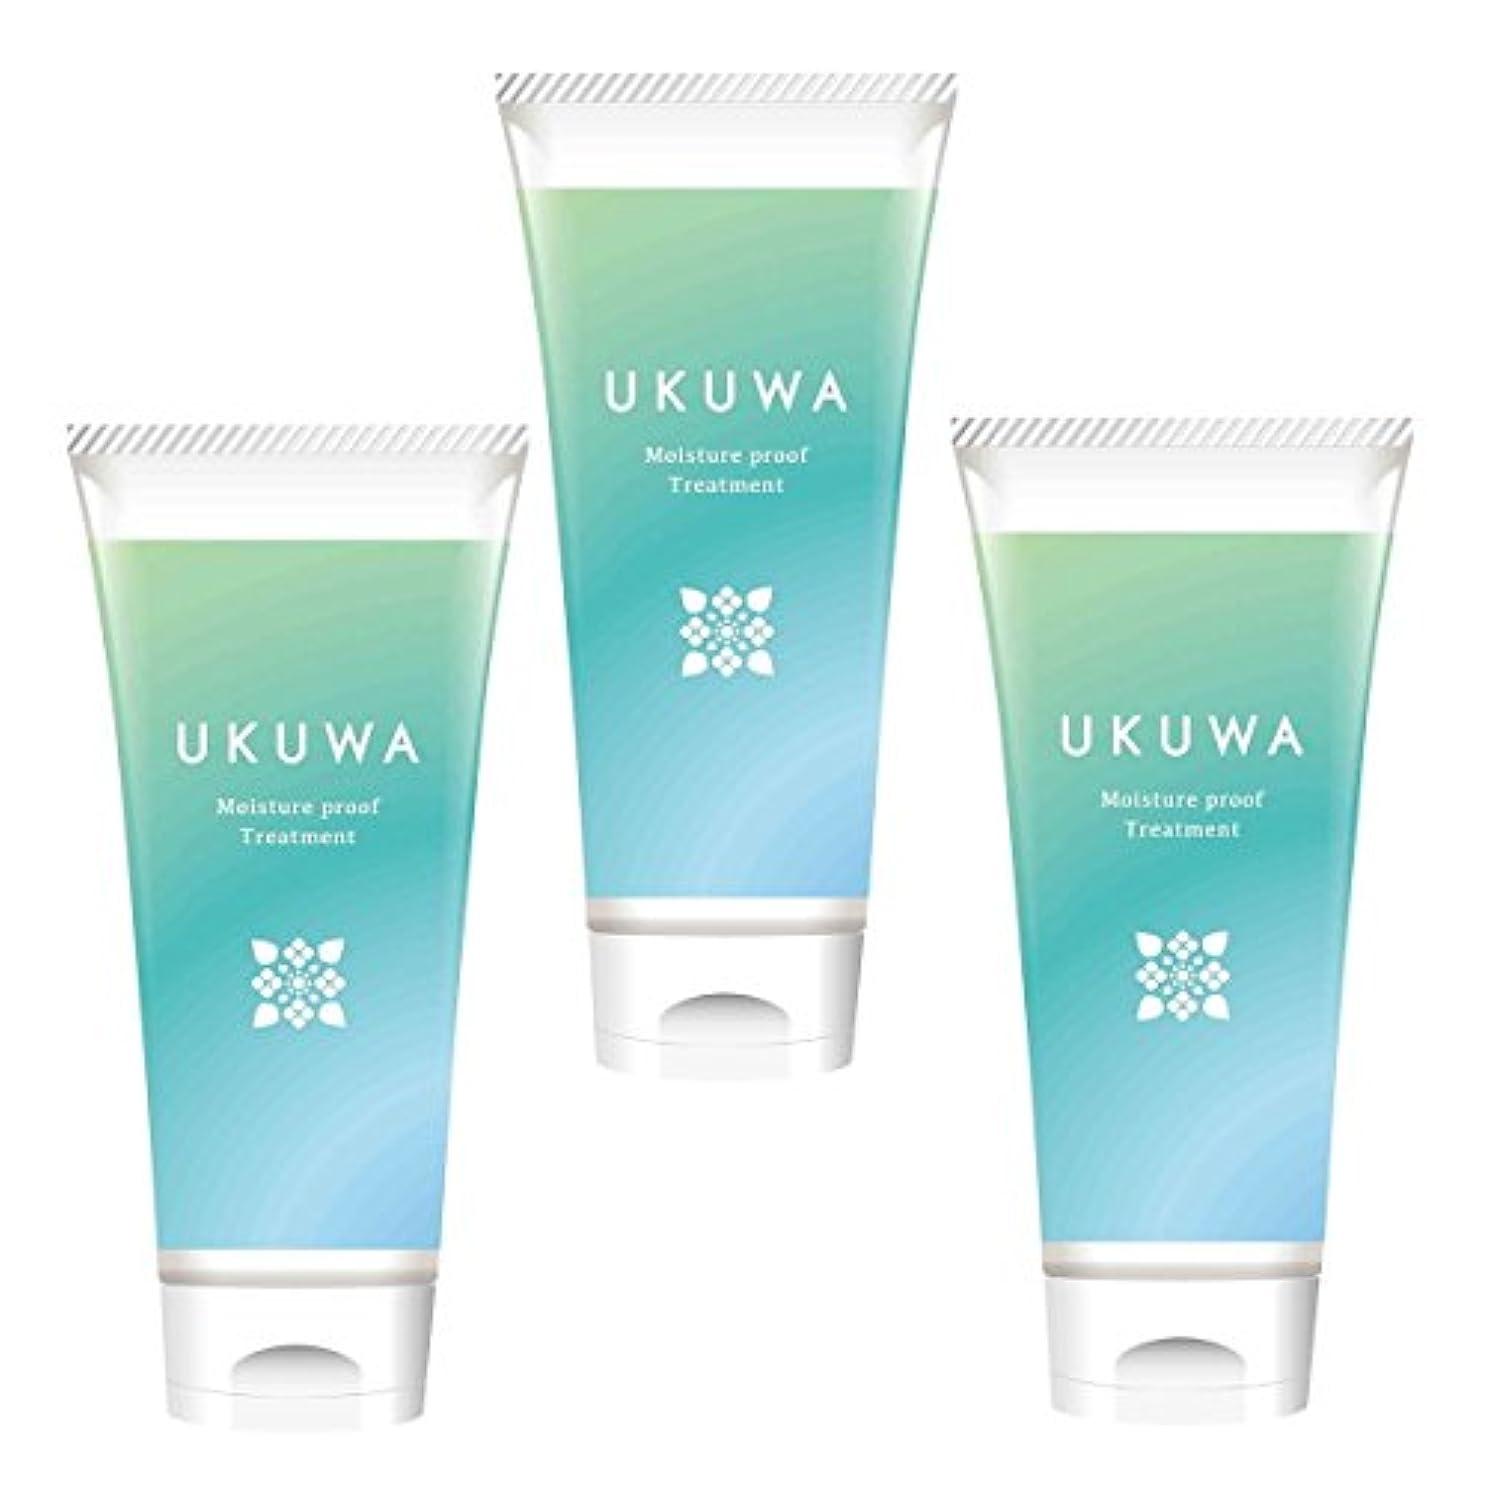 誇張する家畜不機嫌ディアテック UKUWA(ウクワ)(雨花)モイスチャー プルーフ トリートメント 100g×3本セット